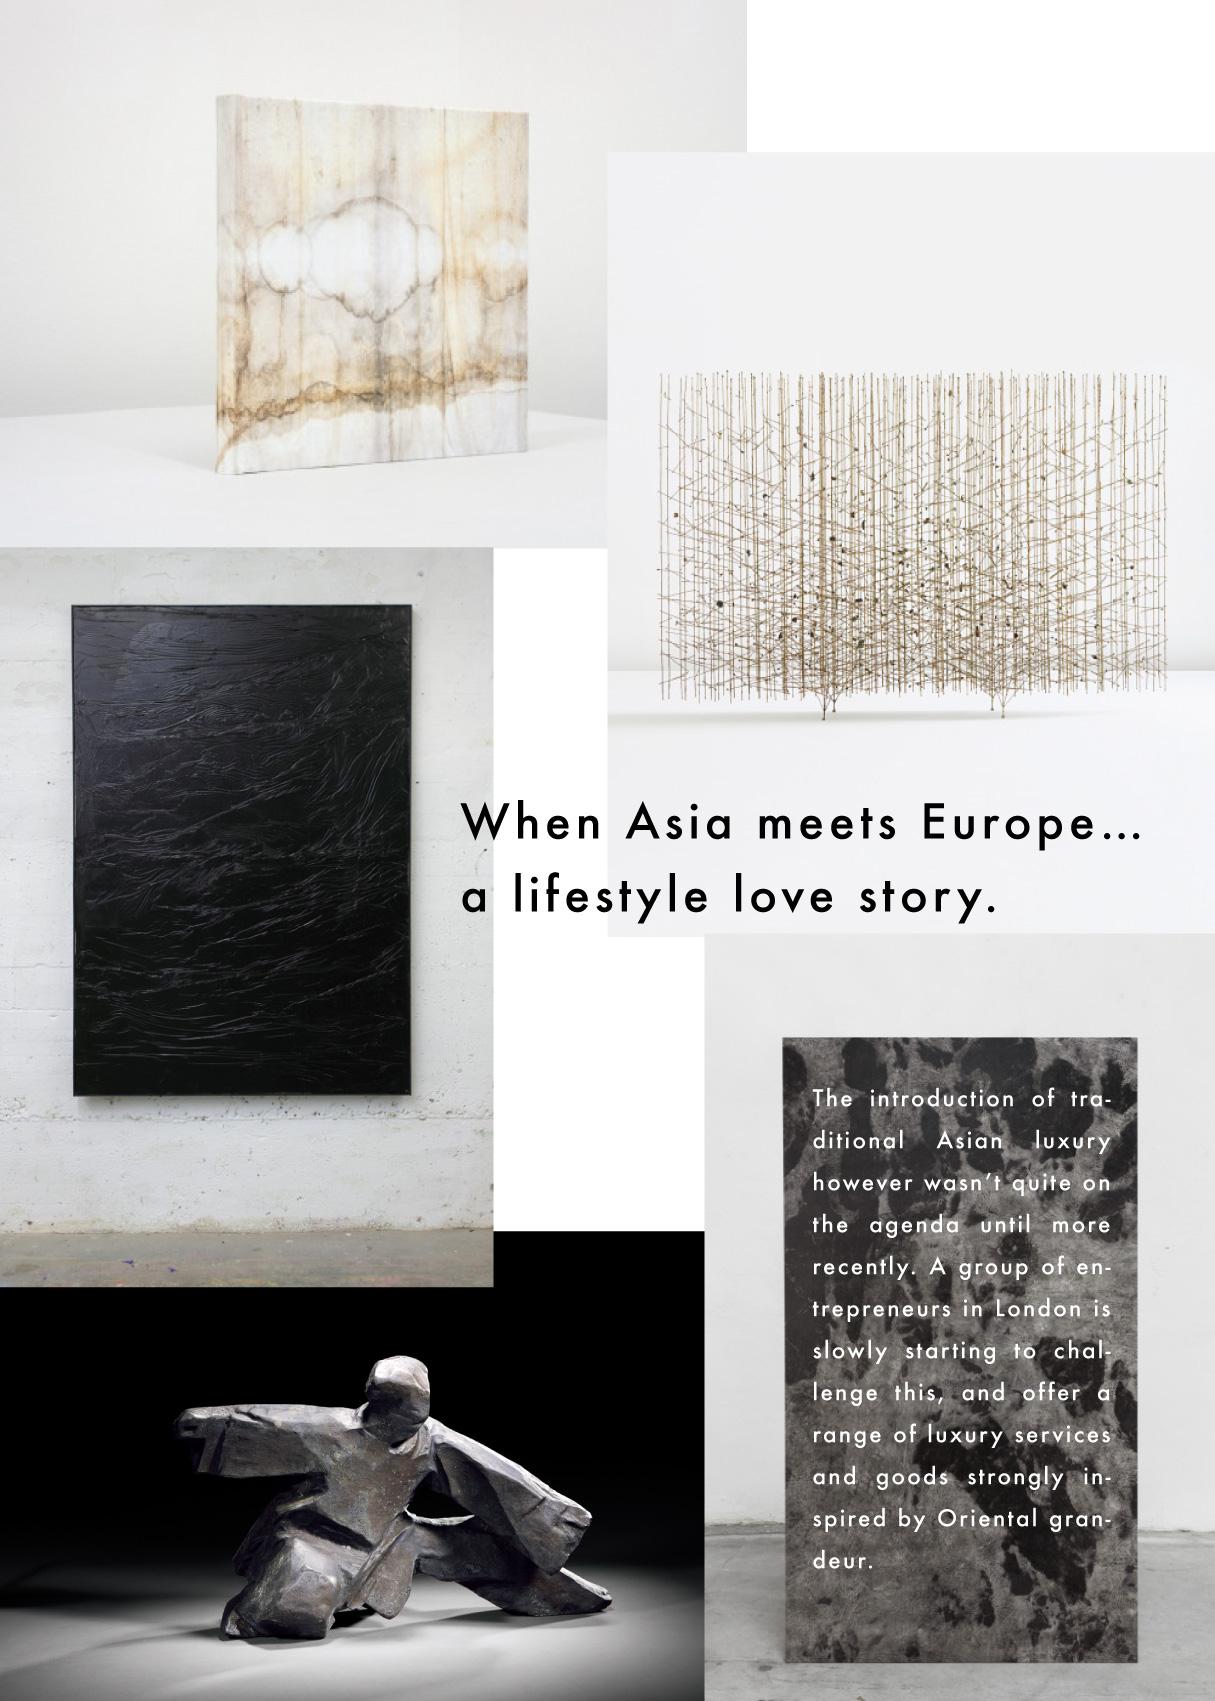 2-Meng-east-meets-Europe.jpg